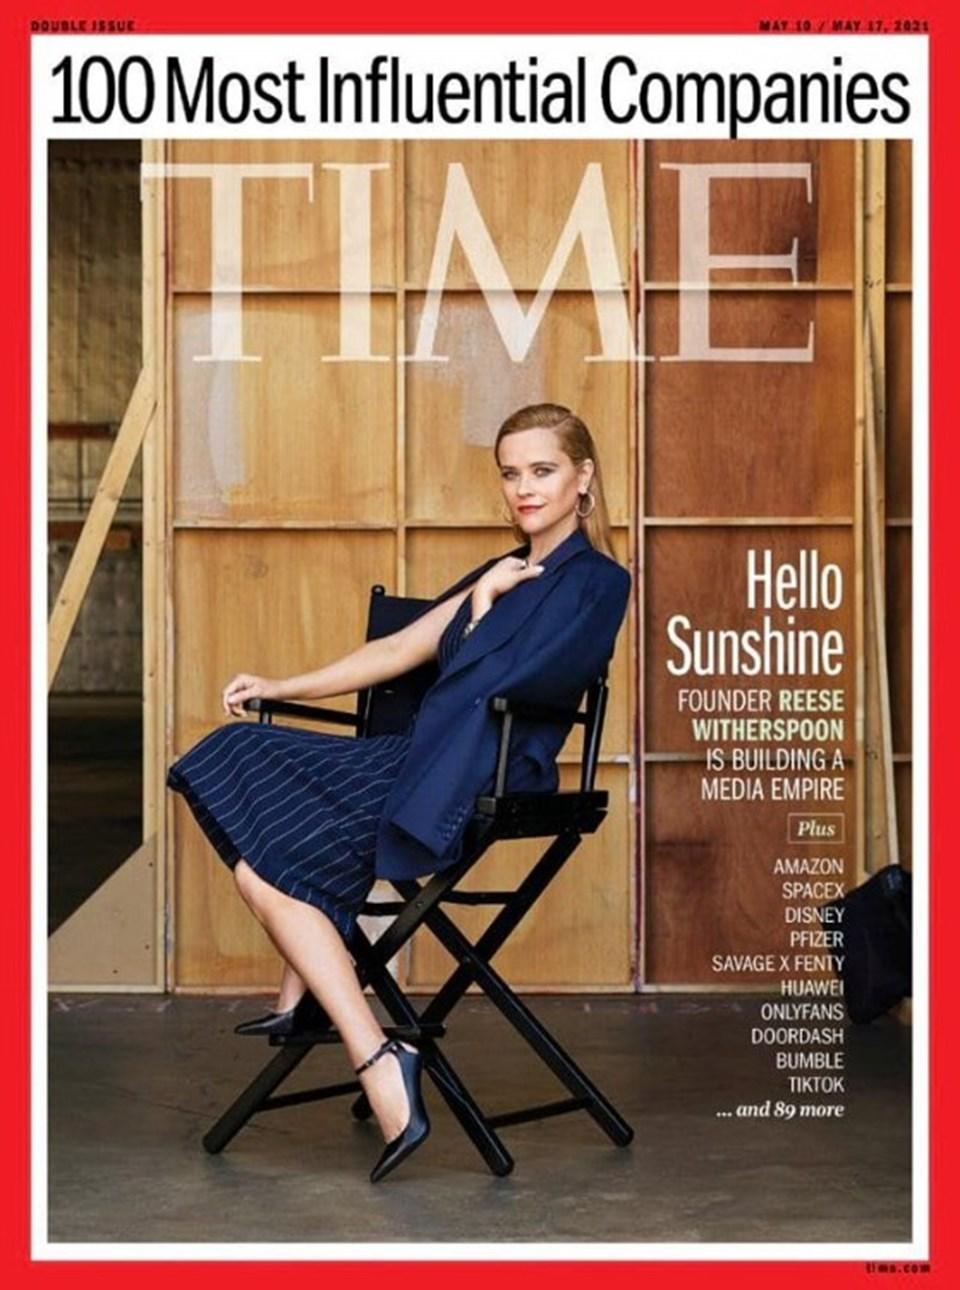 Oyuncu Reese Witherspoon iş kadını olarak Time'a kapak oldu.